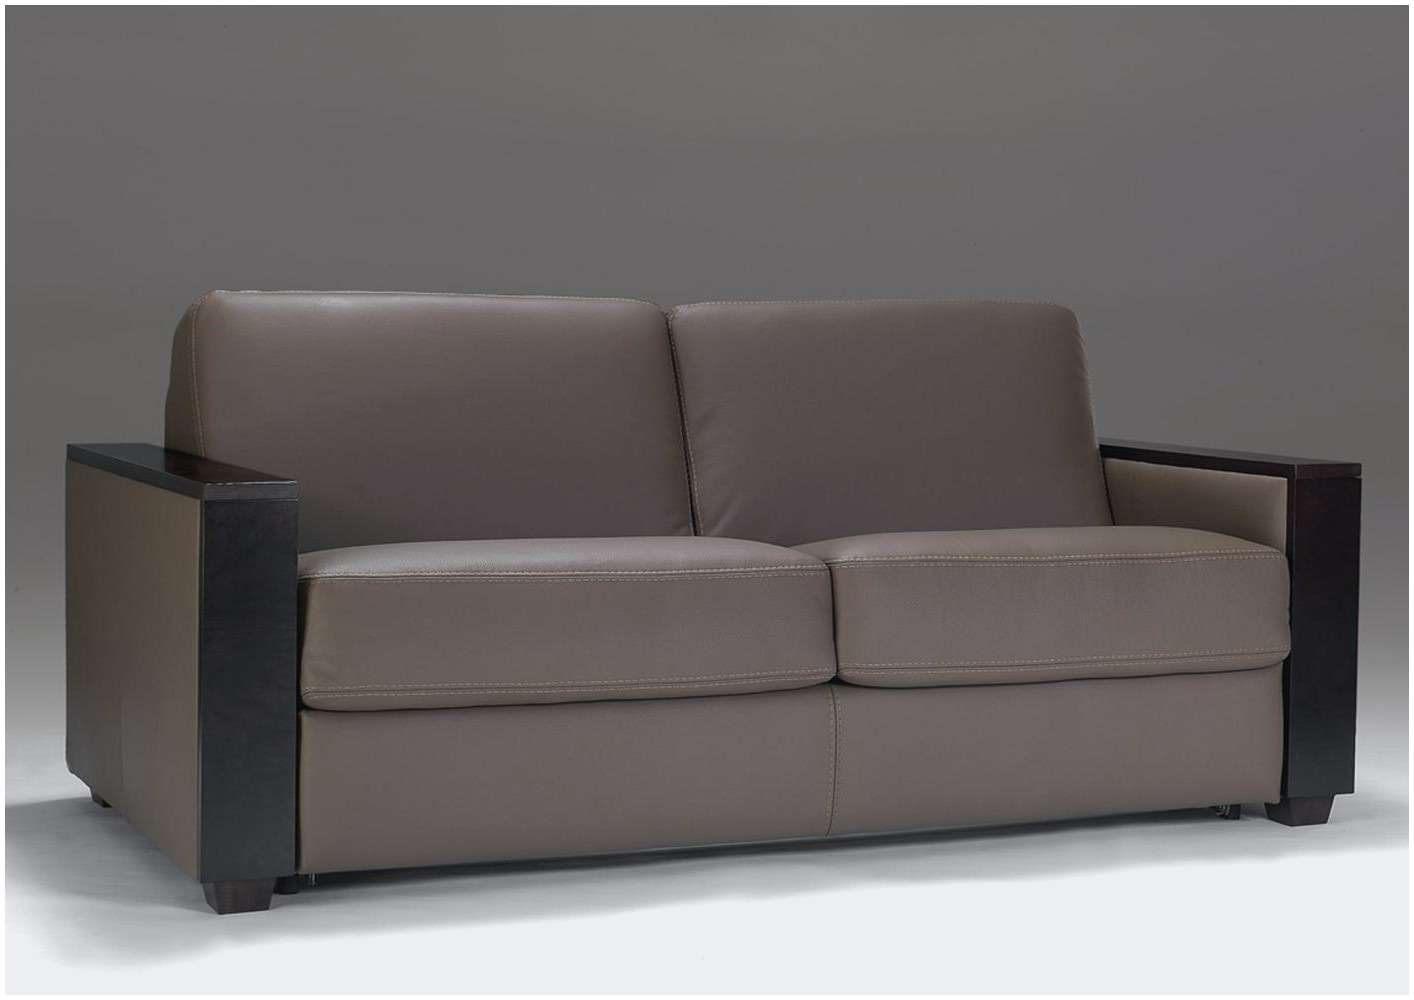 Canapé Lit Gigogne Belle Luxe Les 30 Meilleur Canapé Convertible Futon Stock Pour Choix